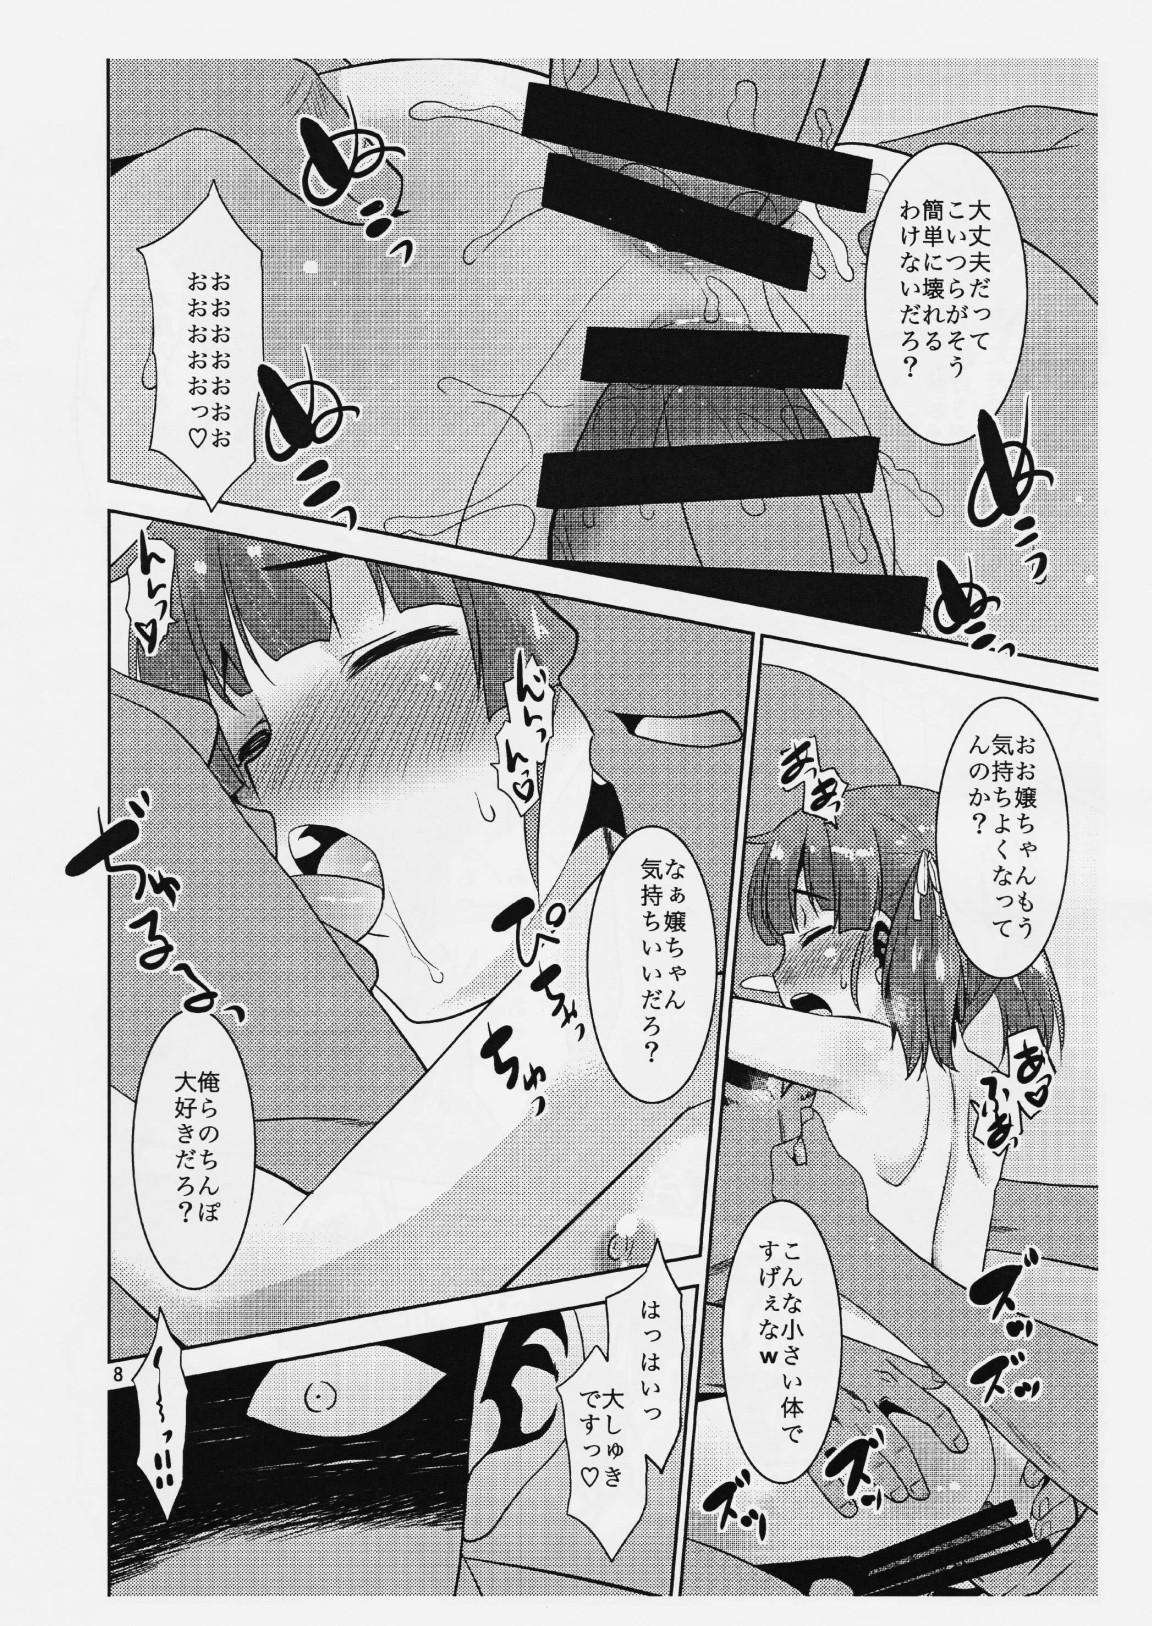 男二人に囲まれ、3pSEX始まり、大潮はマンコにアナルに2穴挿入初体験!!!ww【艦これ エロ漫画・エロ同人】 (7)